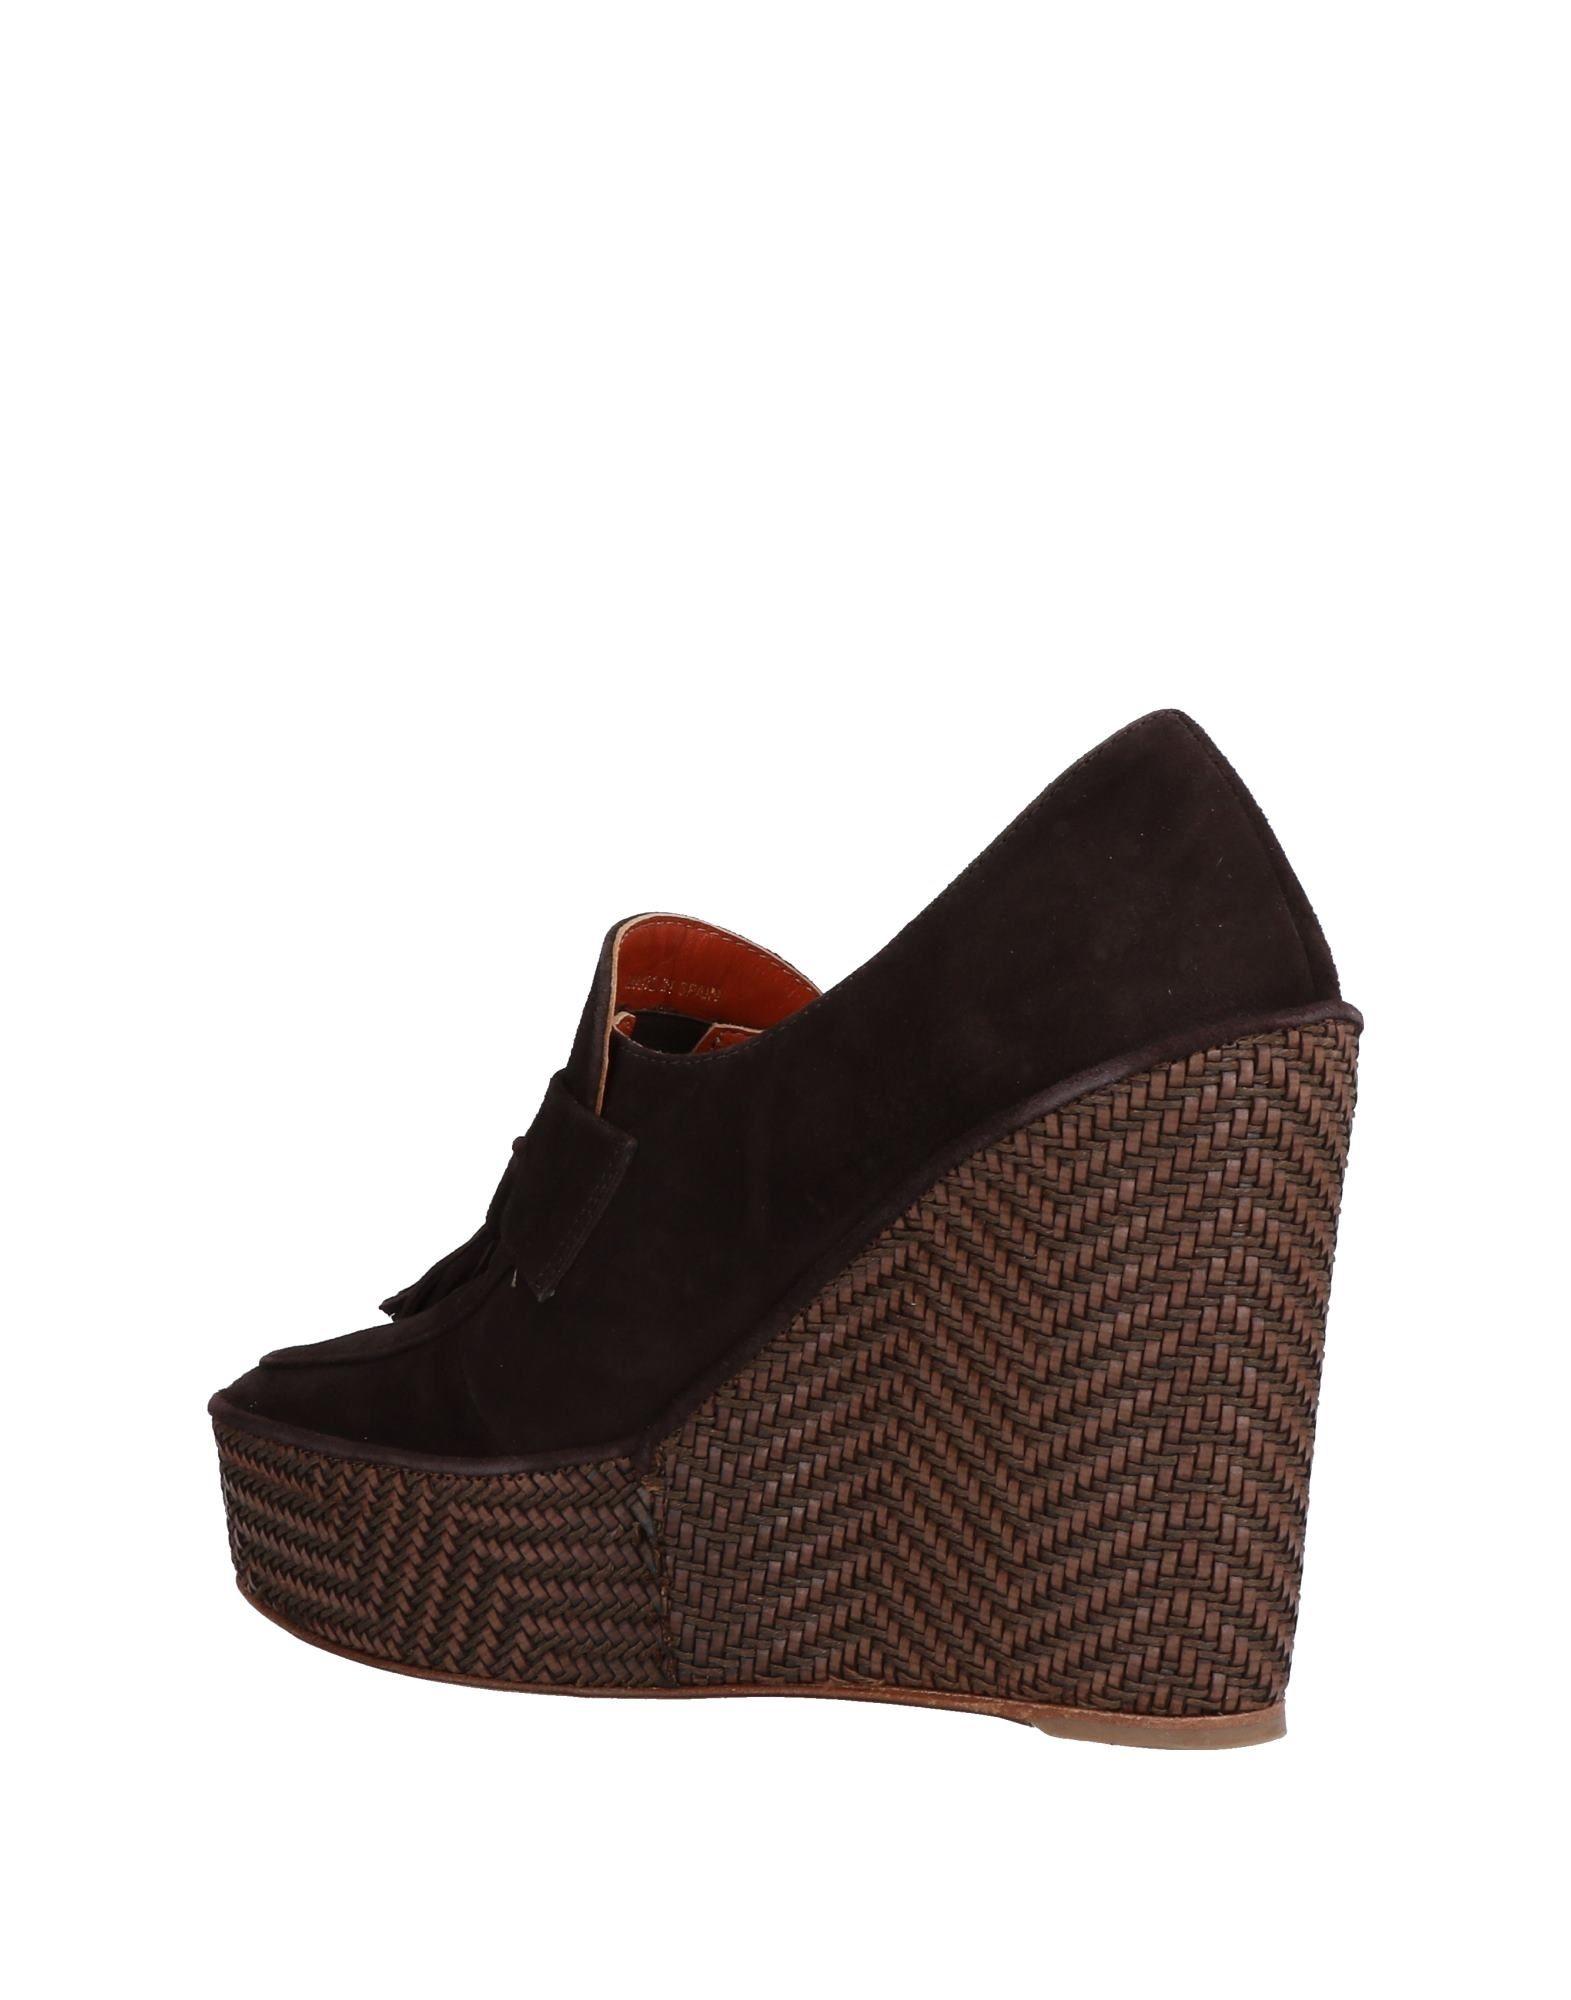 Gut um billige Damen Schuhe zu tragenPaloma Barceló Mokassins Damen billige  11502517KD 326d8b